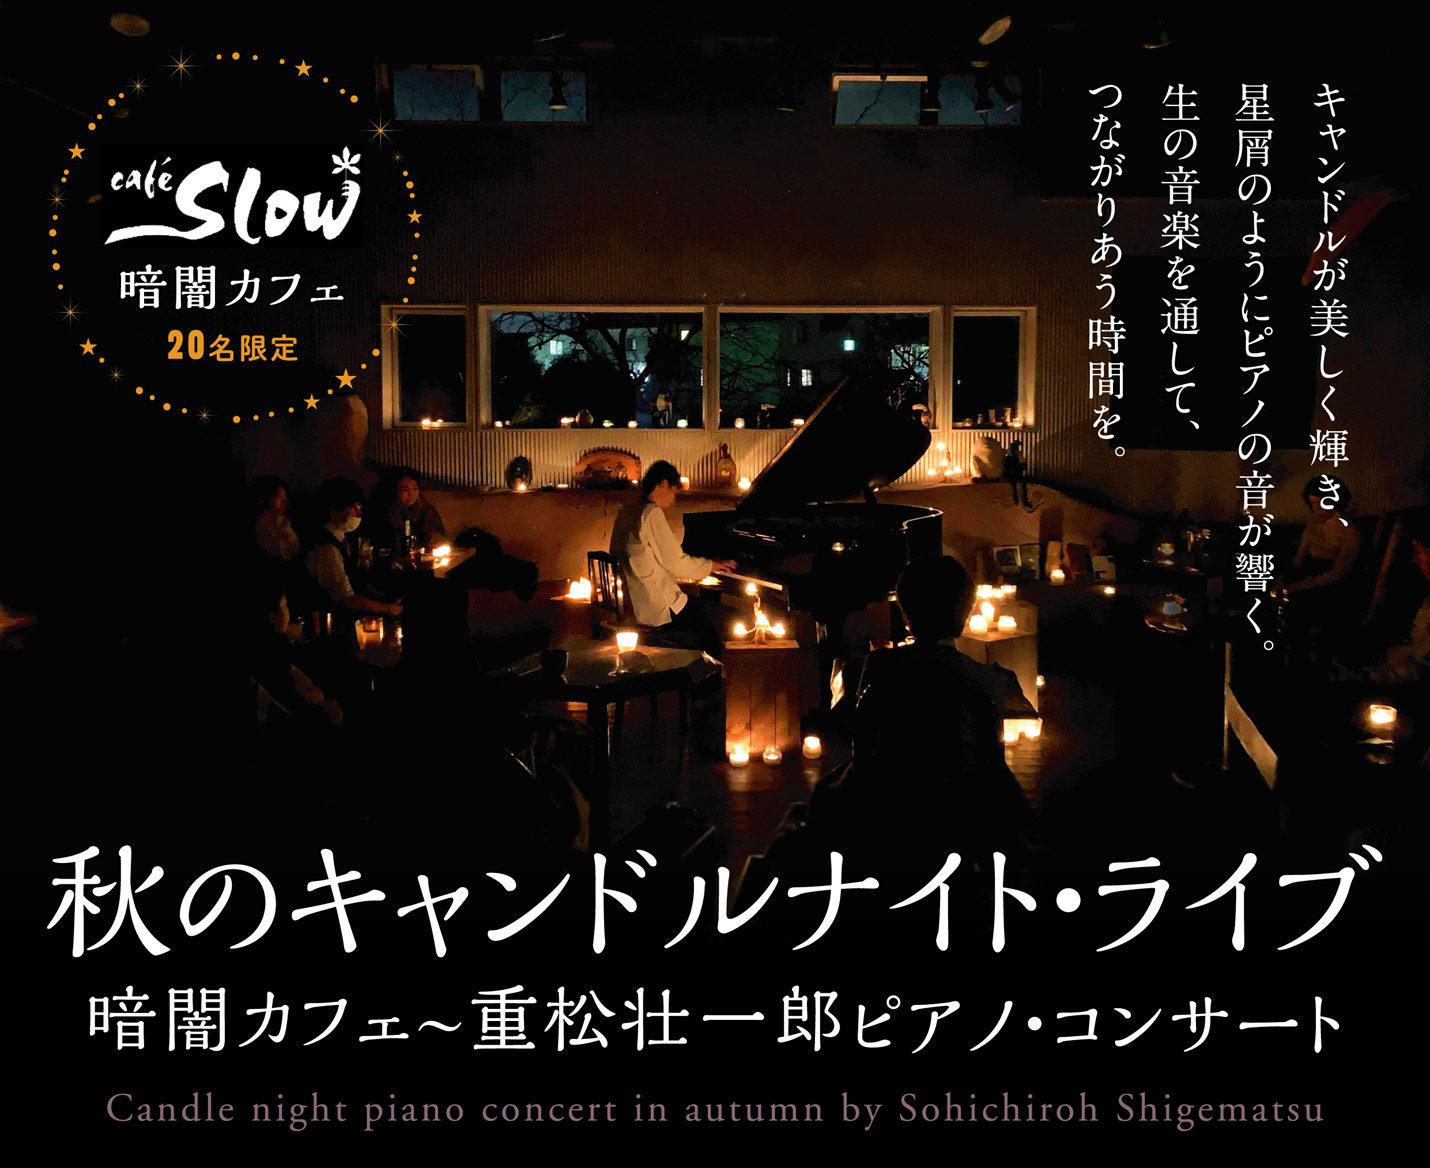 10/15(金) 暗闇カフェ 秋の夜長のキャンドルナイト・ライブ 〜重松壮一郎ピアノ・コンサート